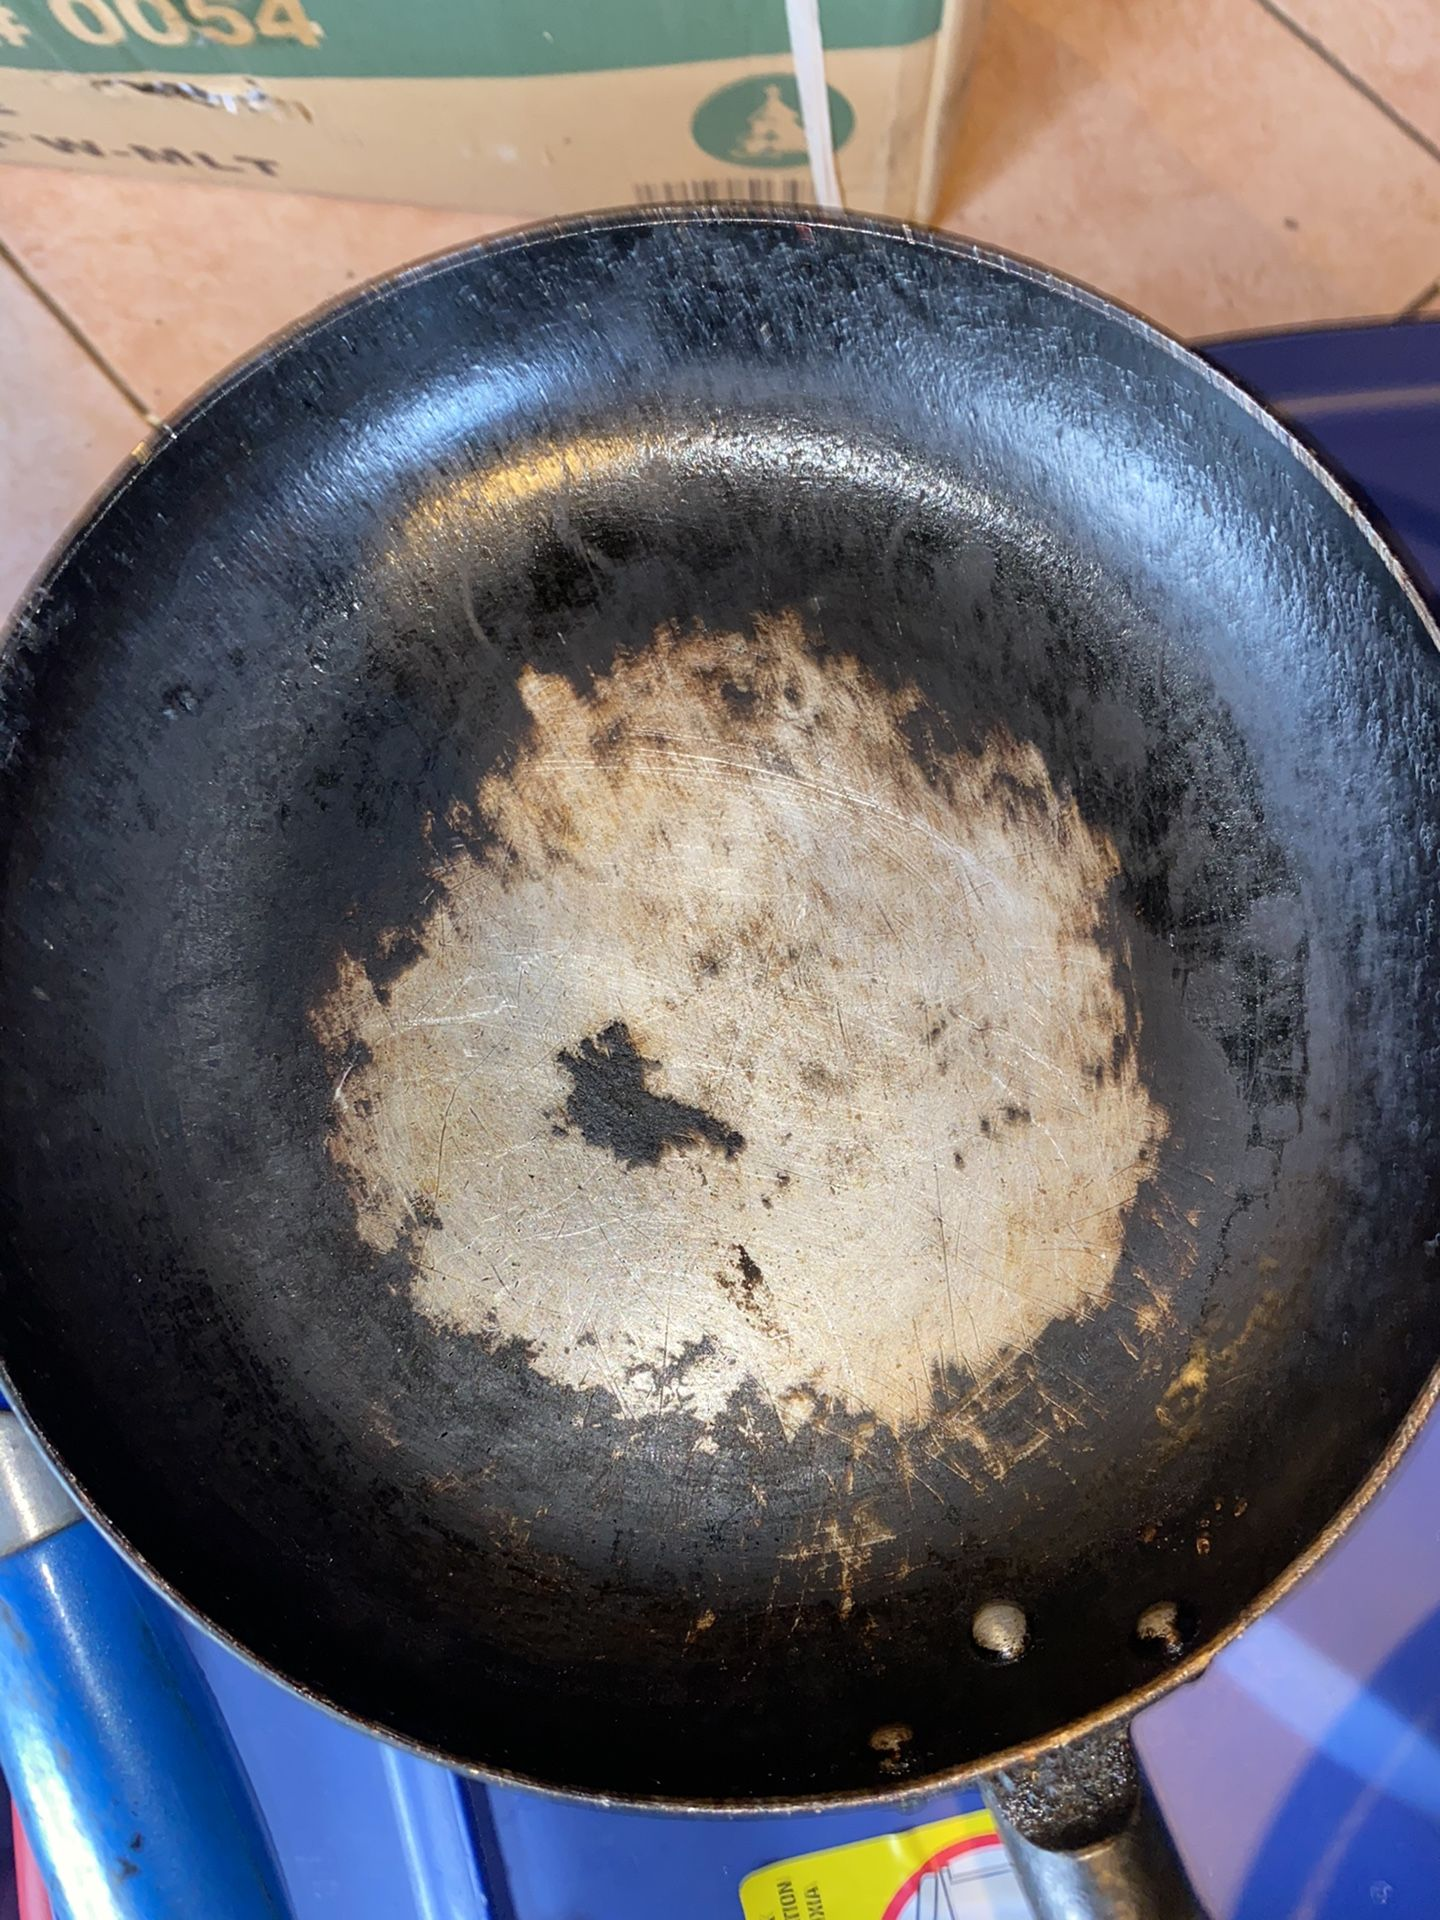 Pans and pots bundle